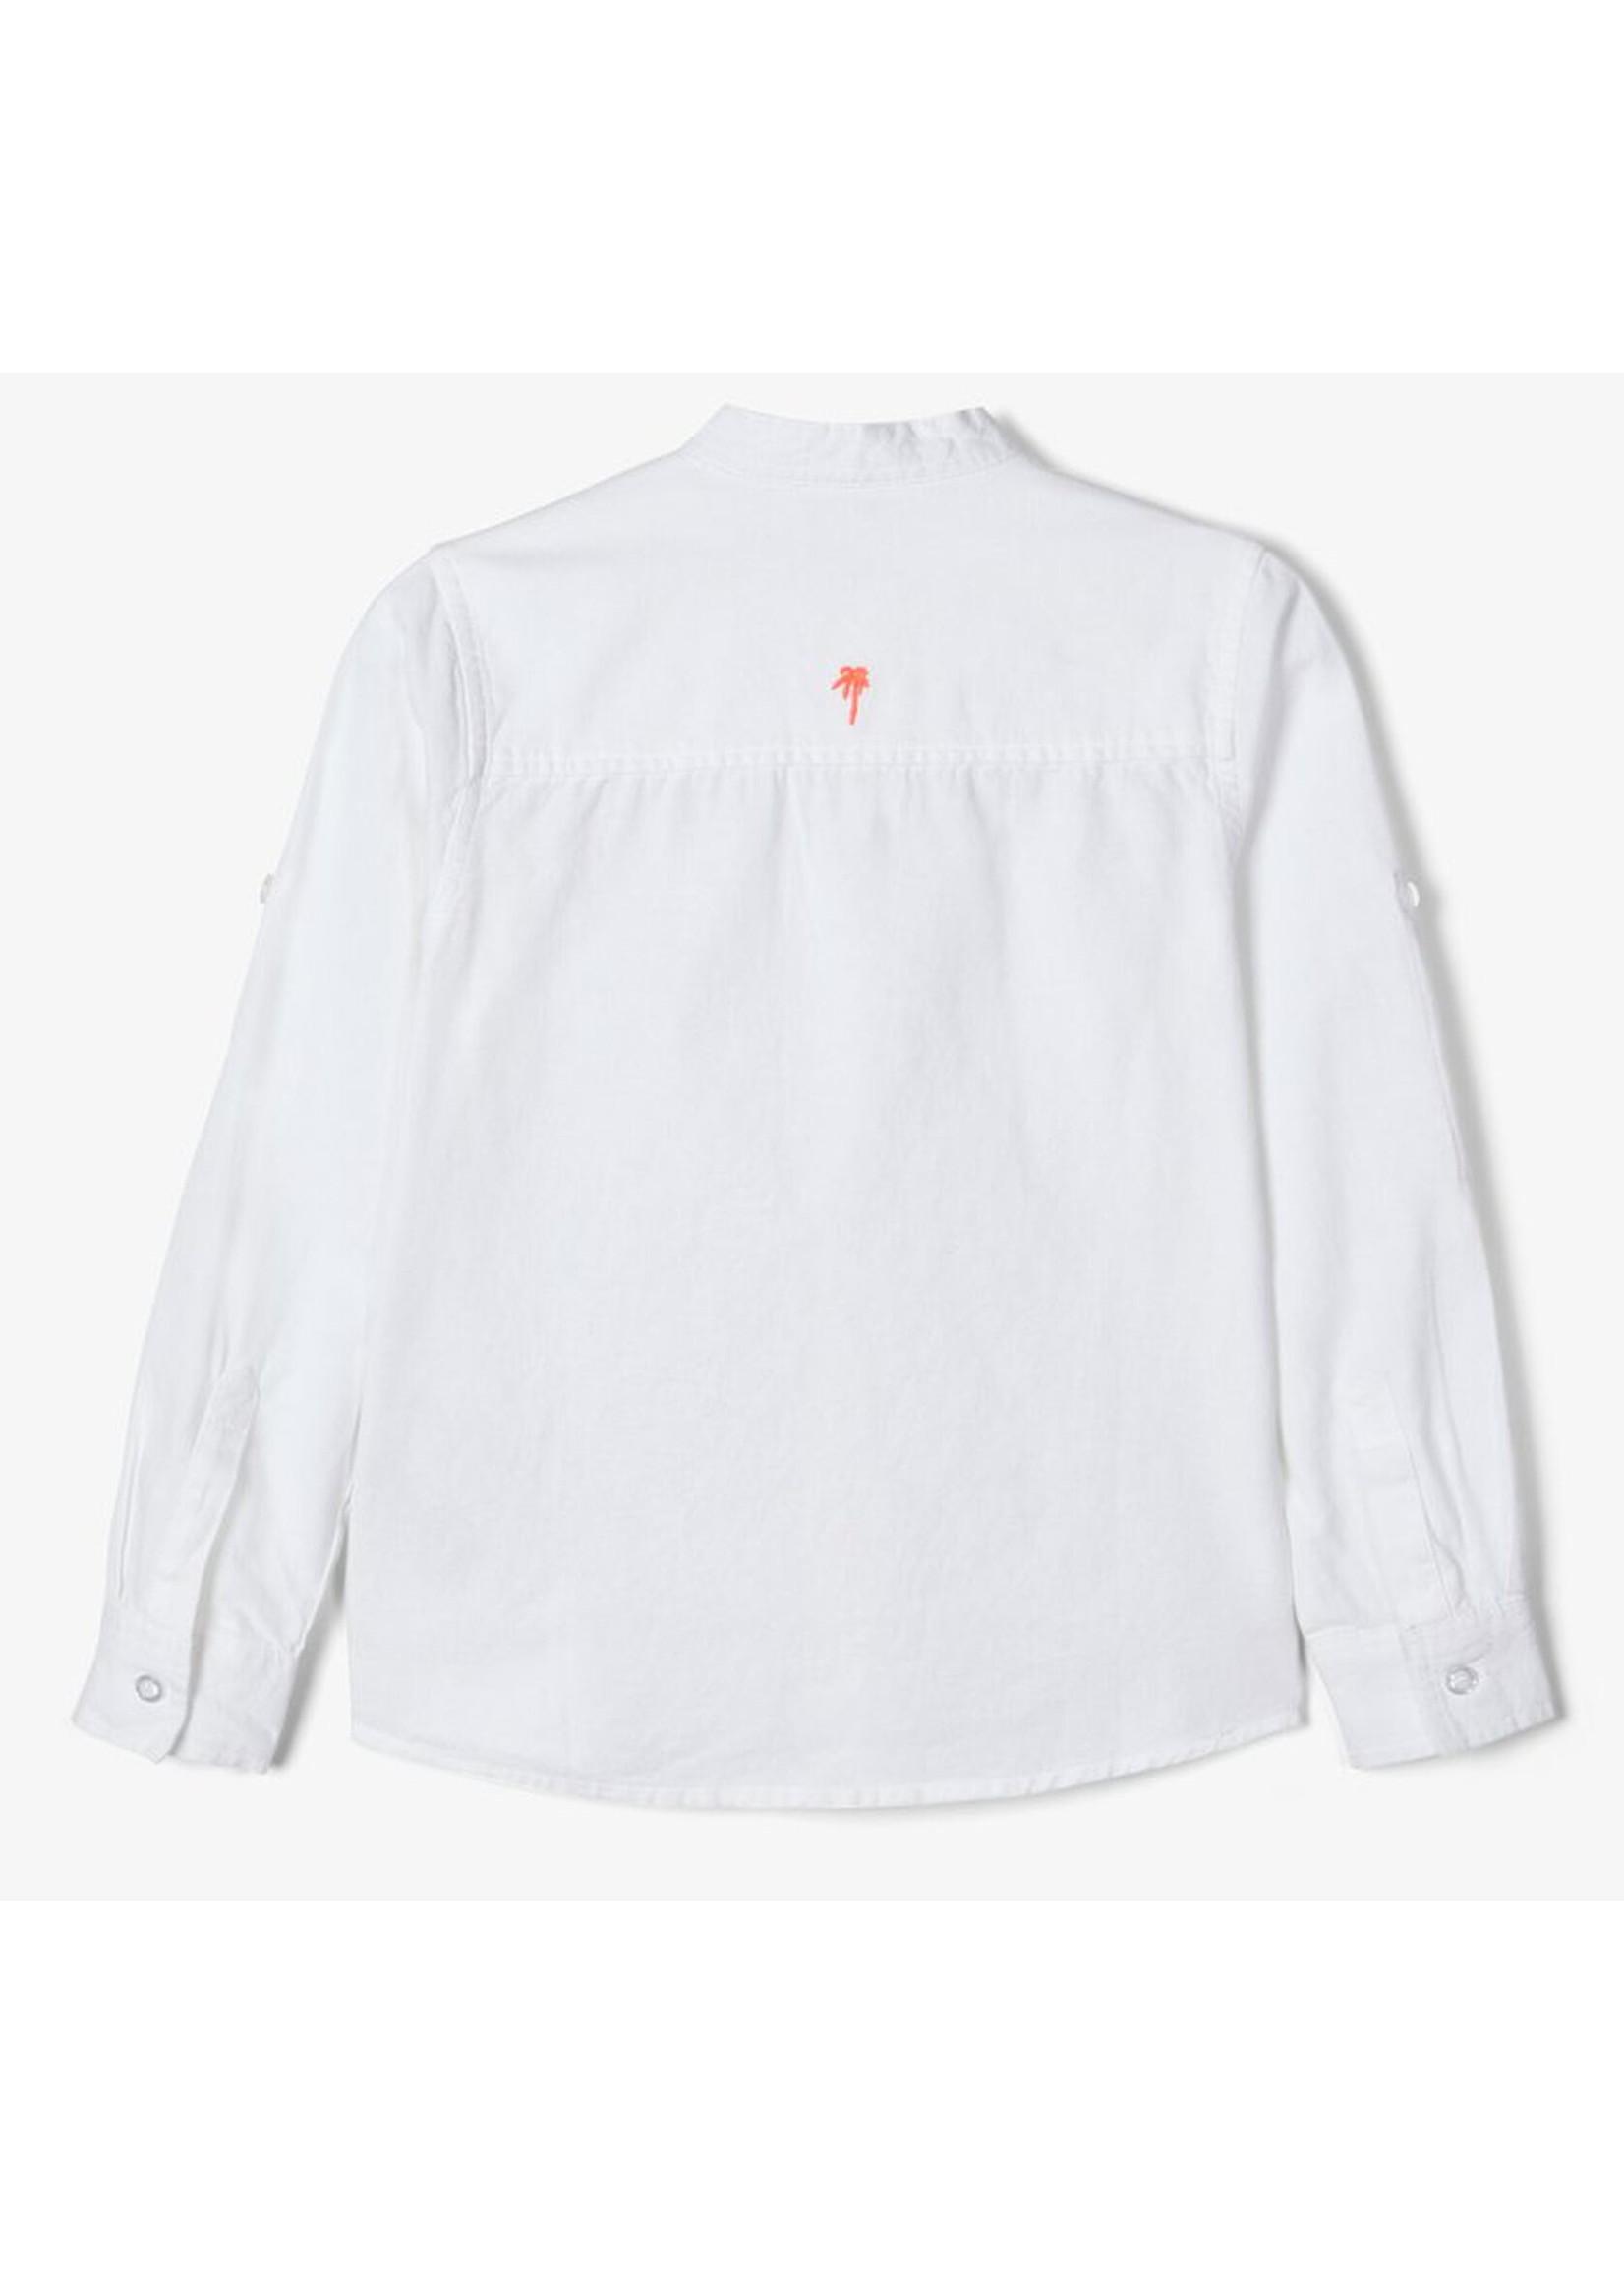 Name it overhemd maat 122/128